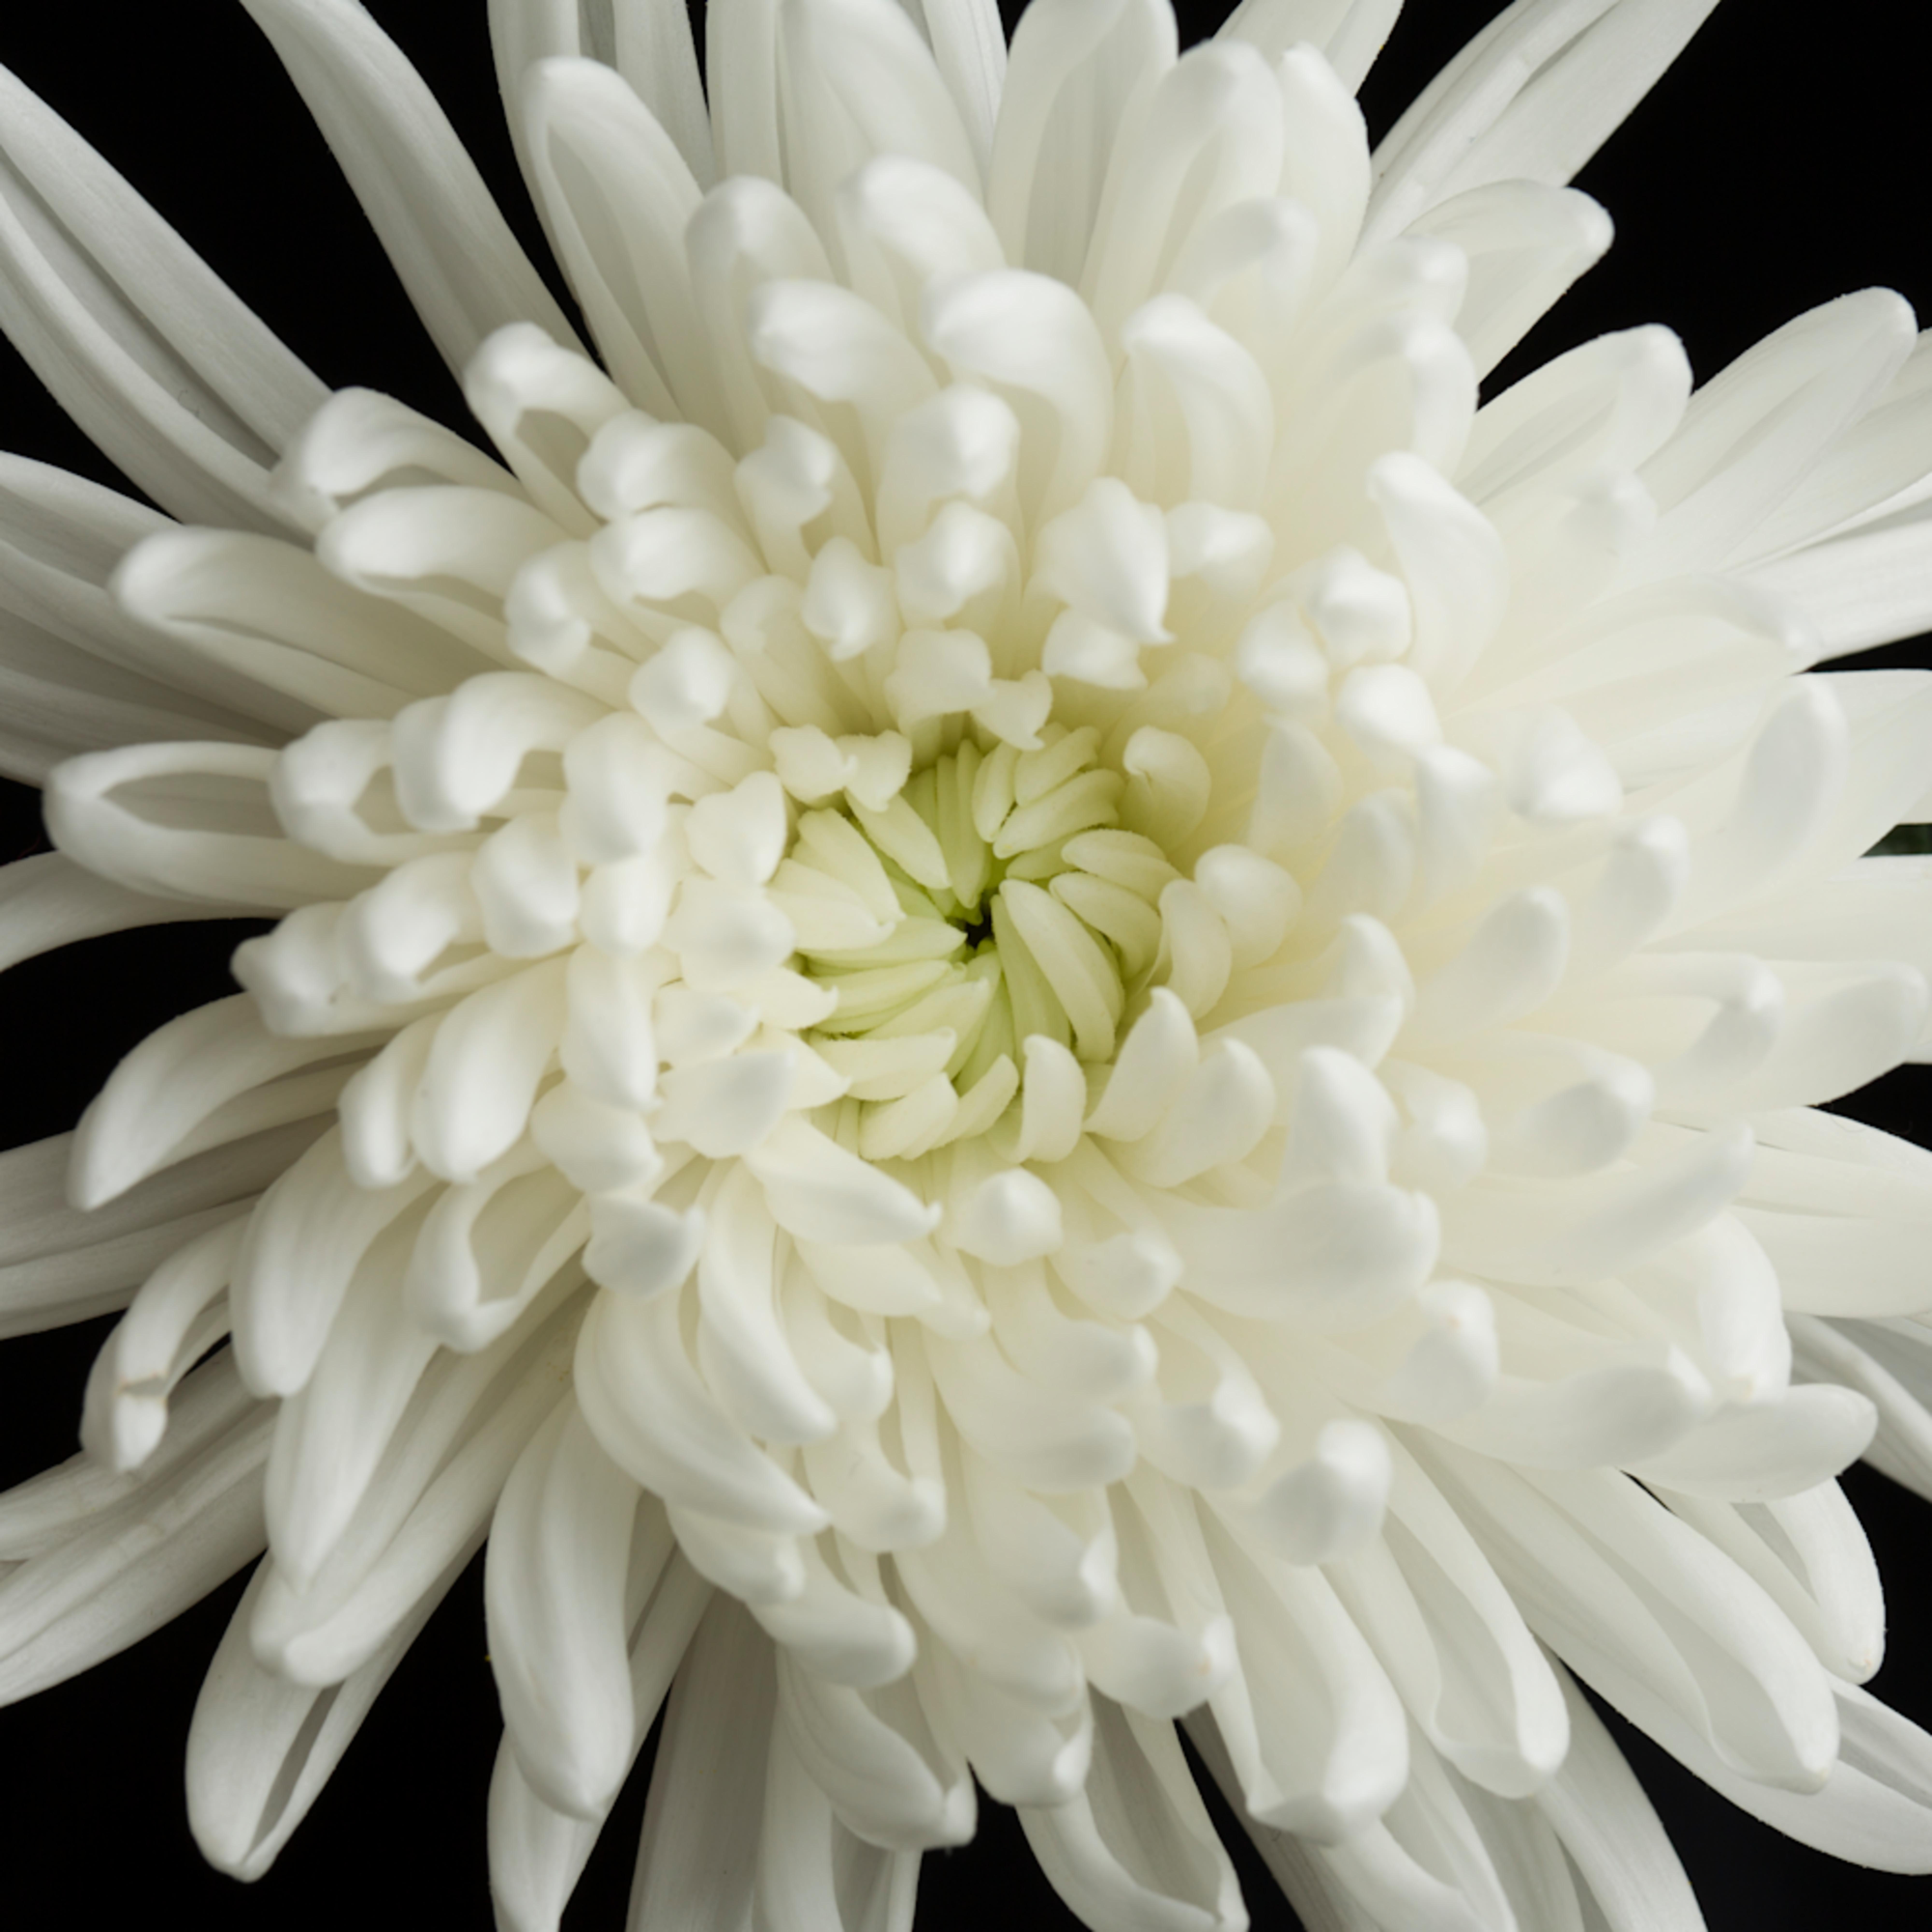 Mbp studio flowers 20120402 1330 2 tigix2